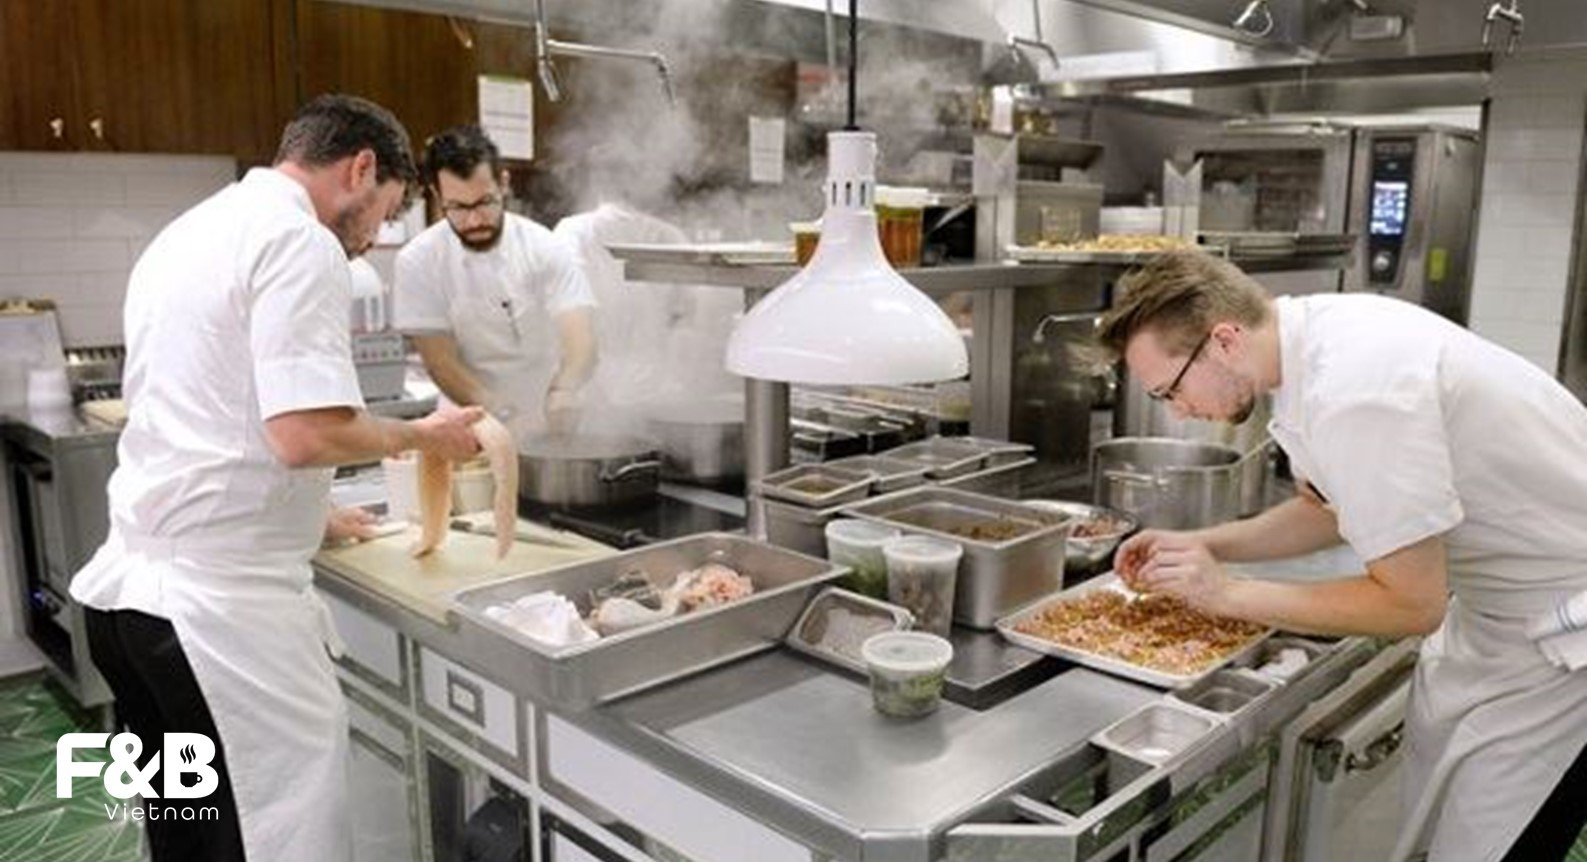 Thiết kế bếp nhà hàng theo quy mô xây dựng